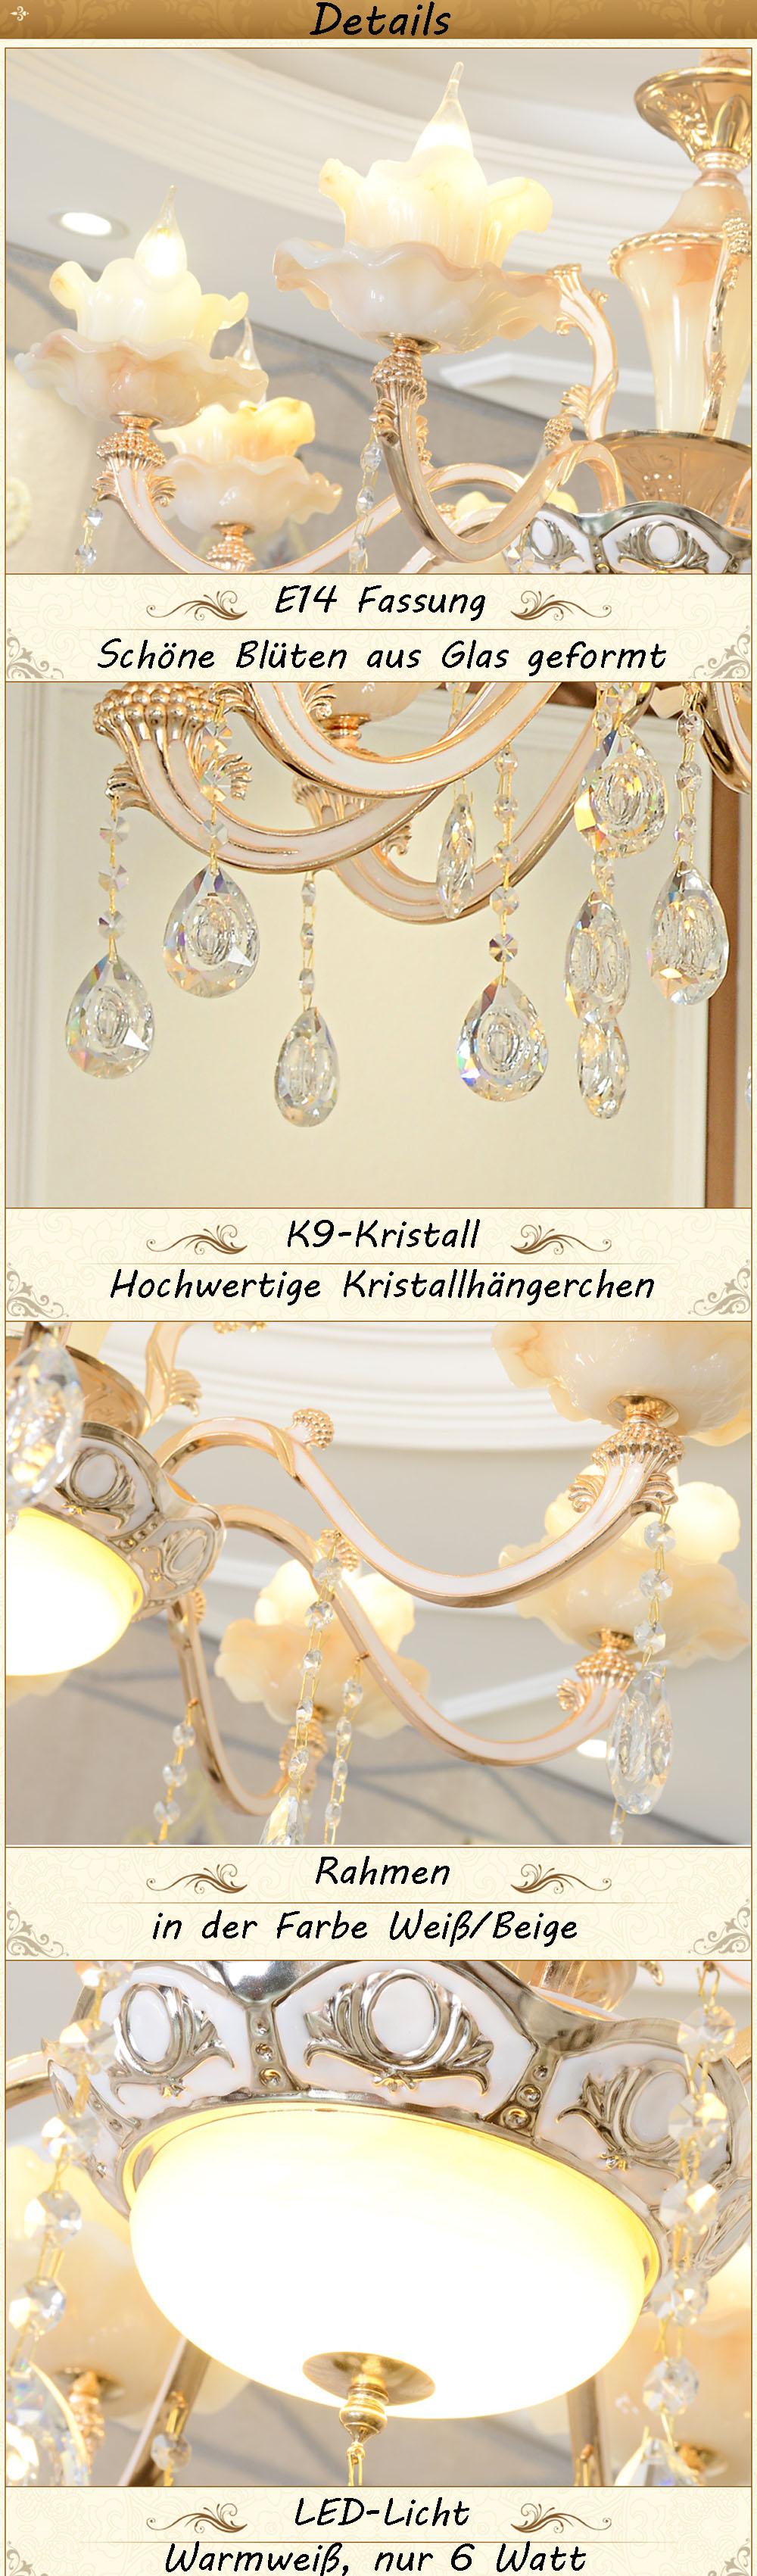 Eurohan XLH Kronleuchter Deckenlampe Kristall Fassung E14 Luxuriös ...